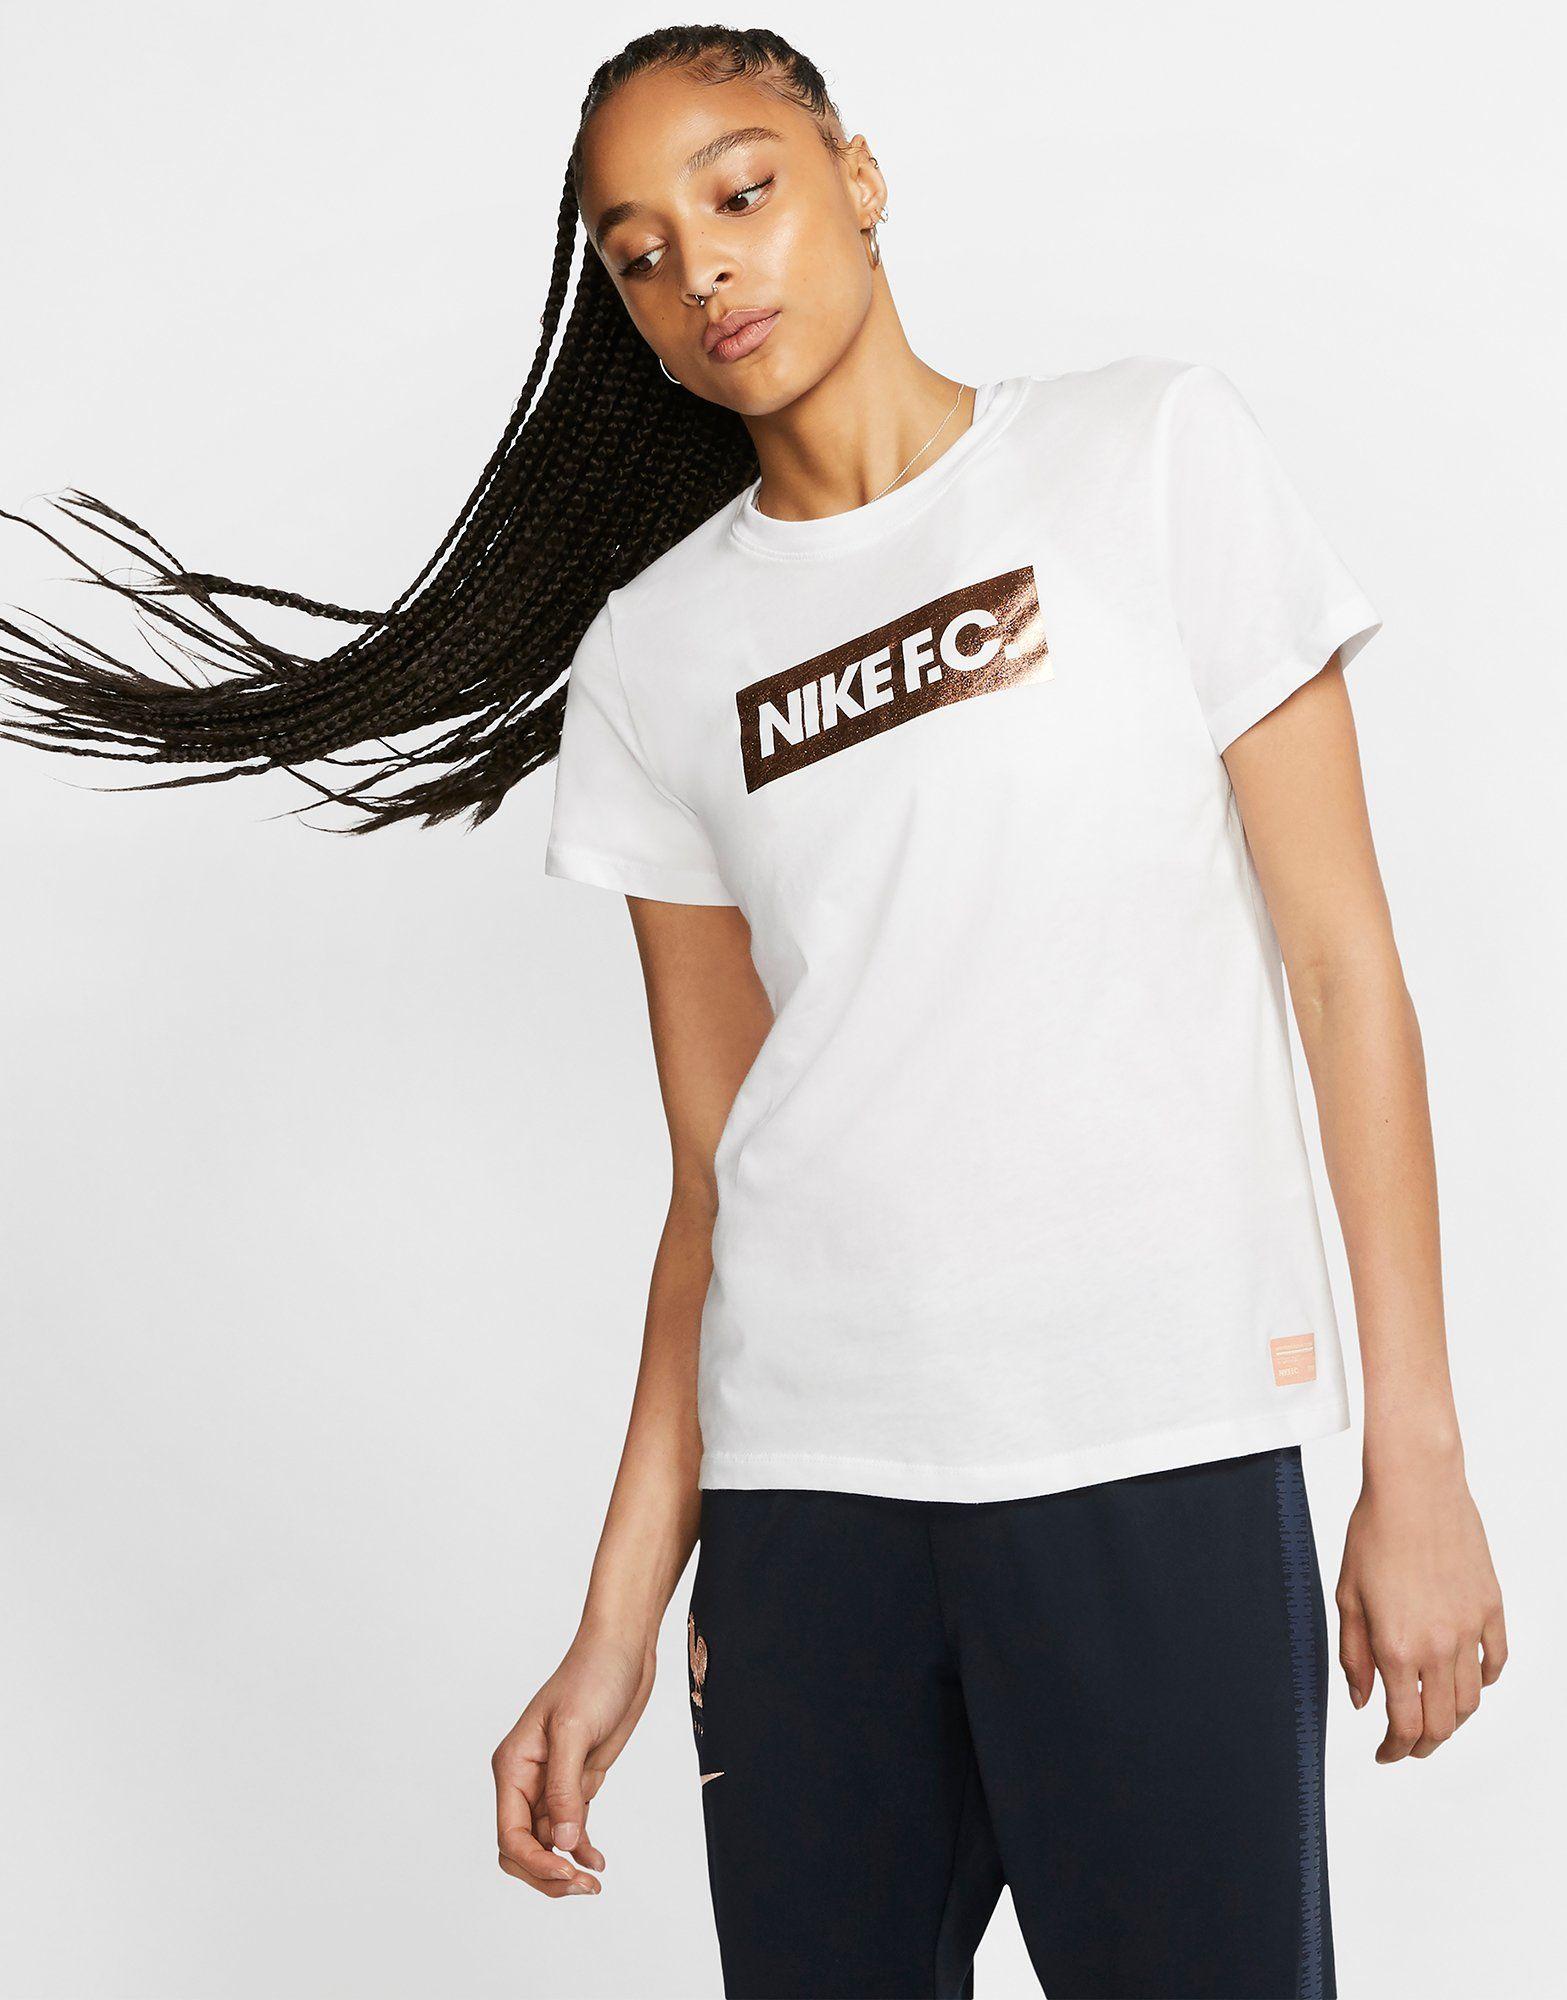 463dd8397 NIKE Nike F.C. Women's Football T-Shirt | JD Sports